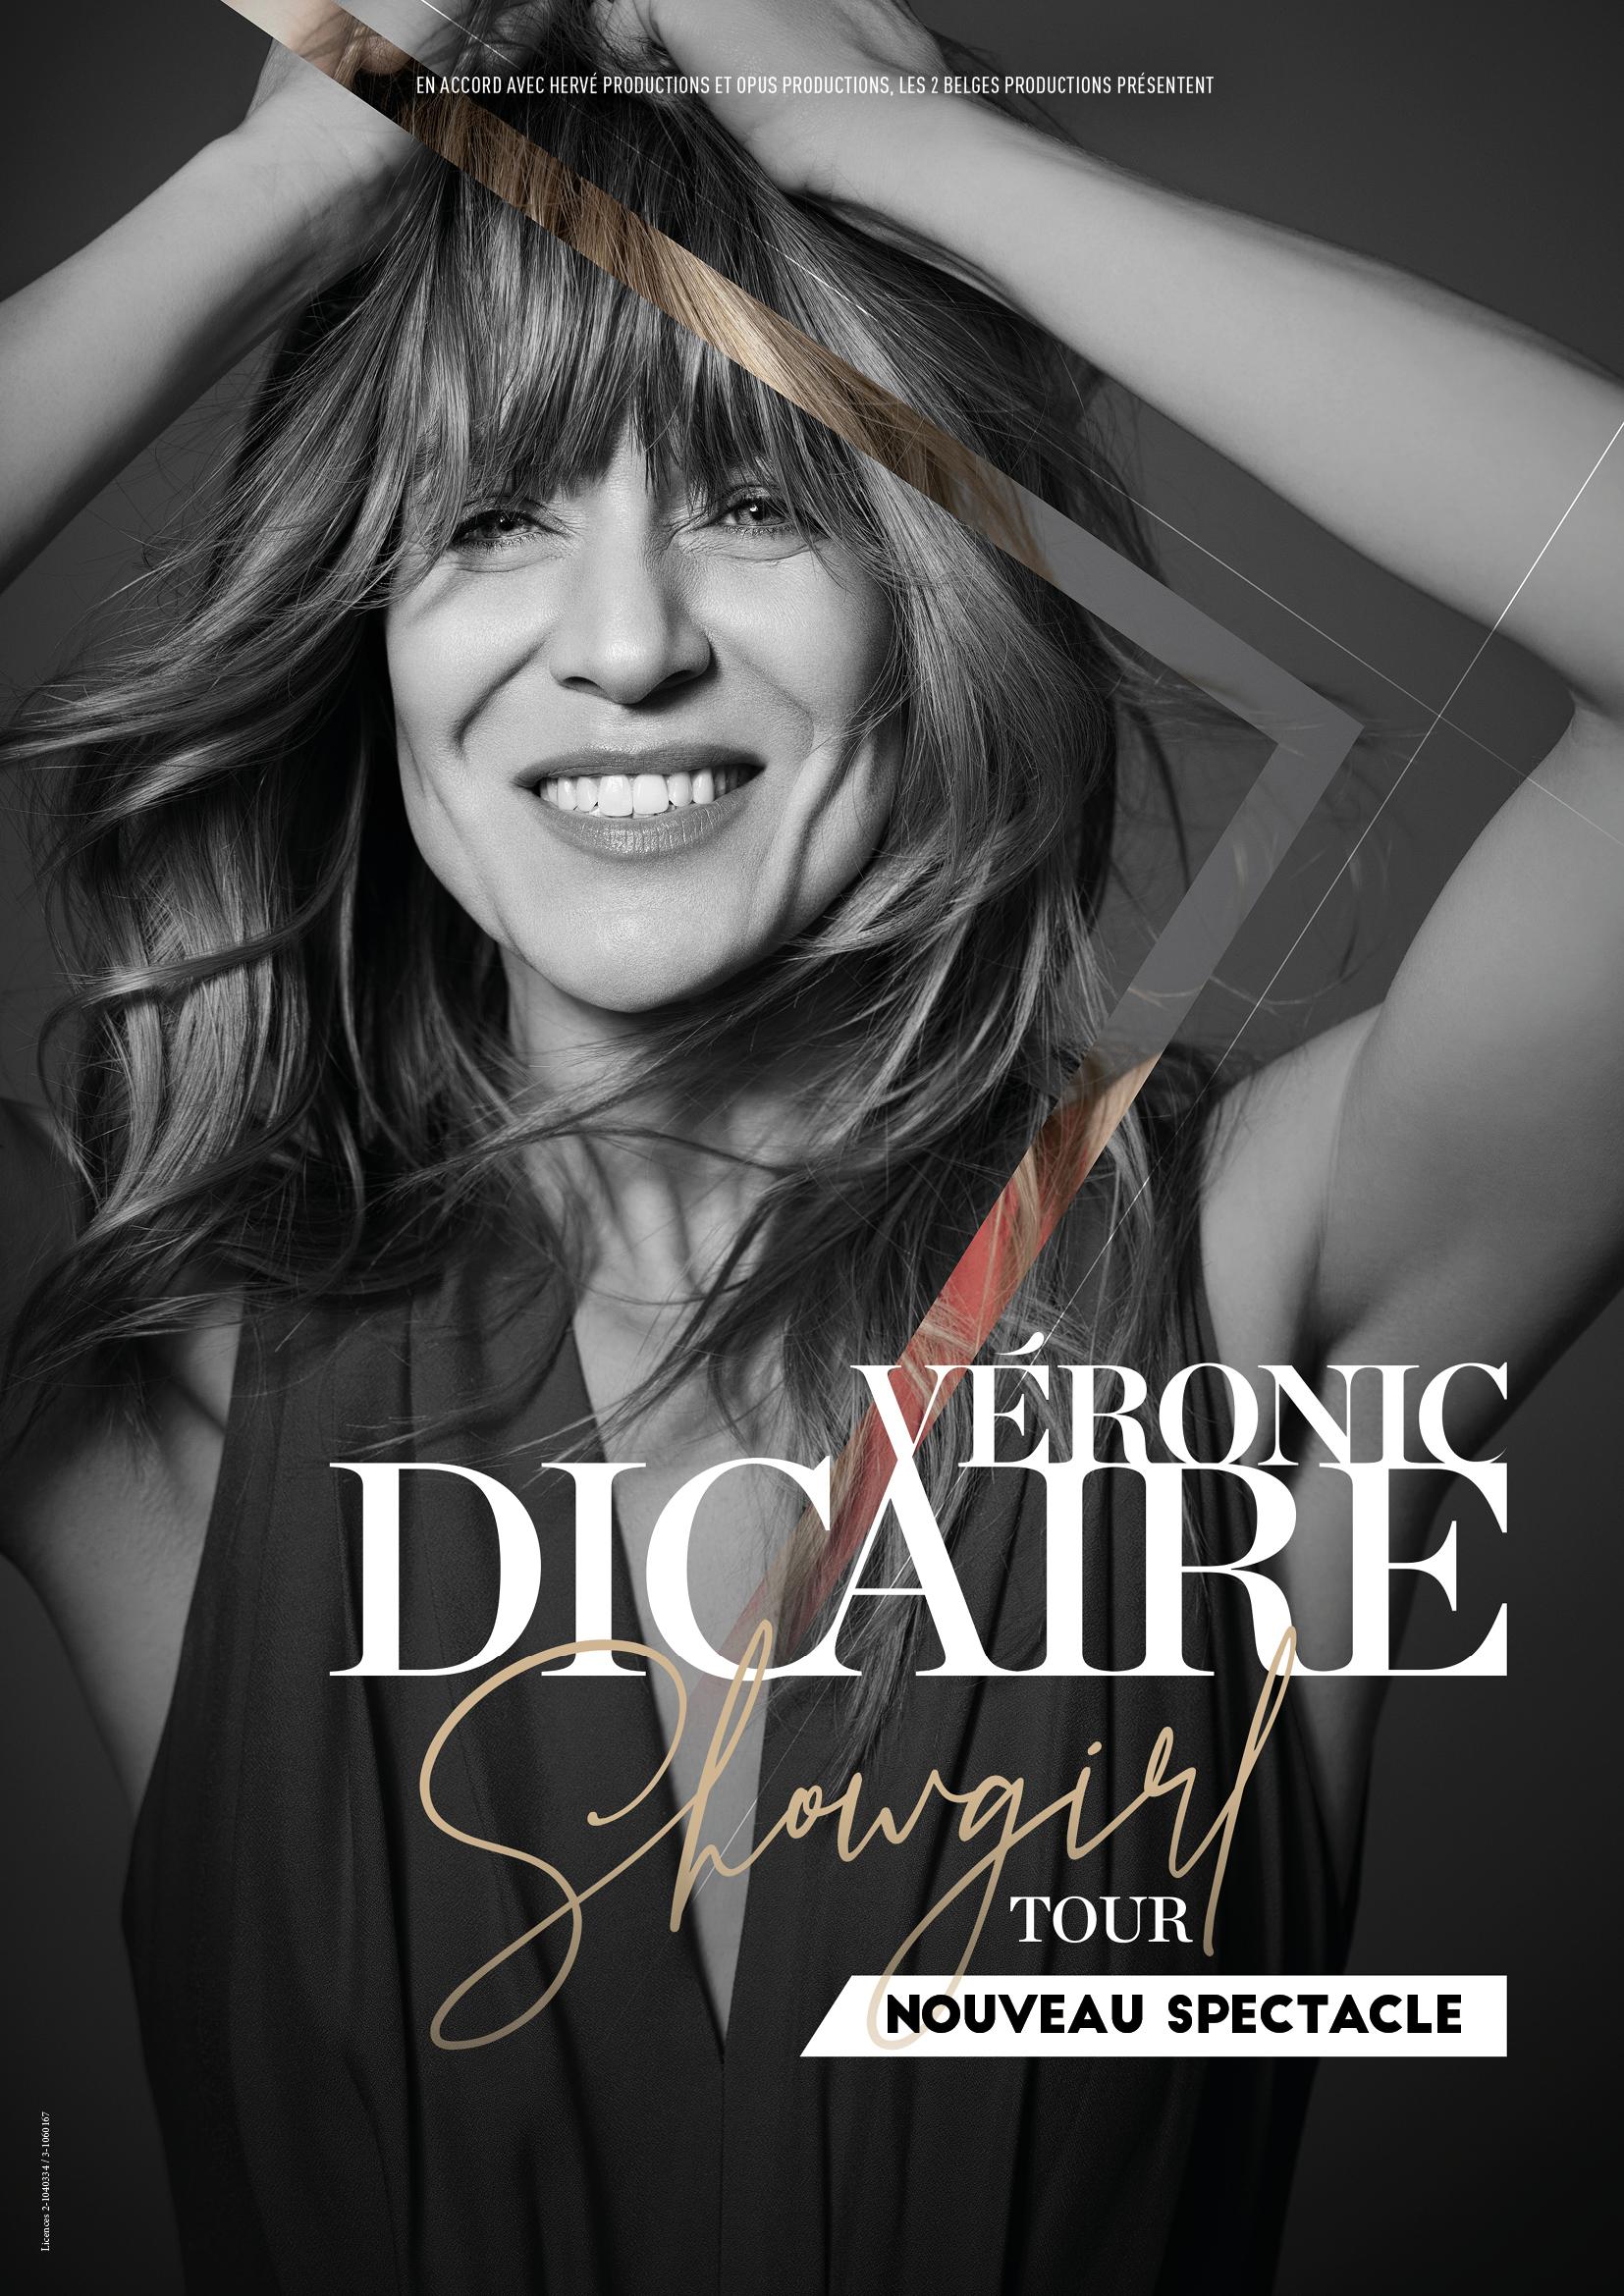 Véronic Dicaire Parc des Expositions Lanester Spectacle Showgirl Dance